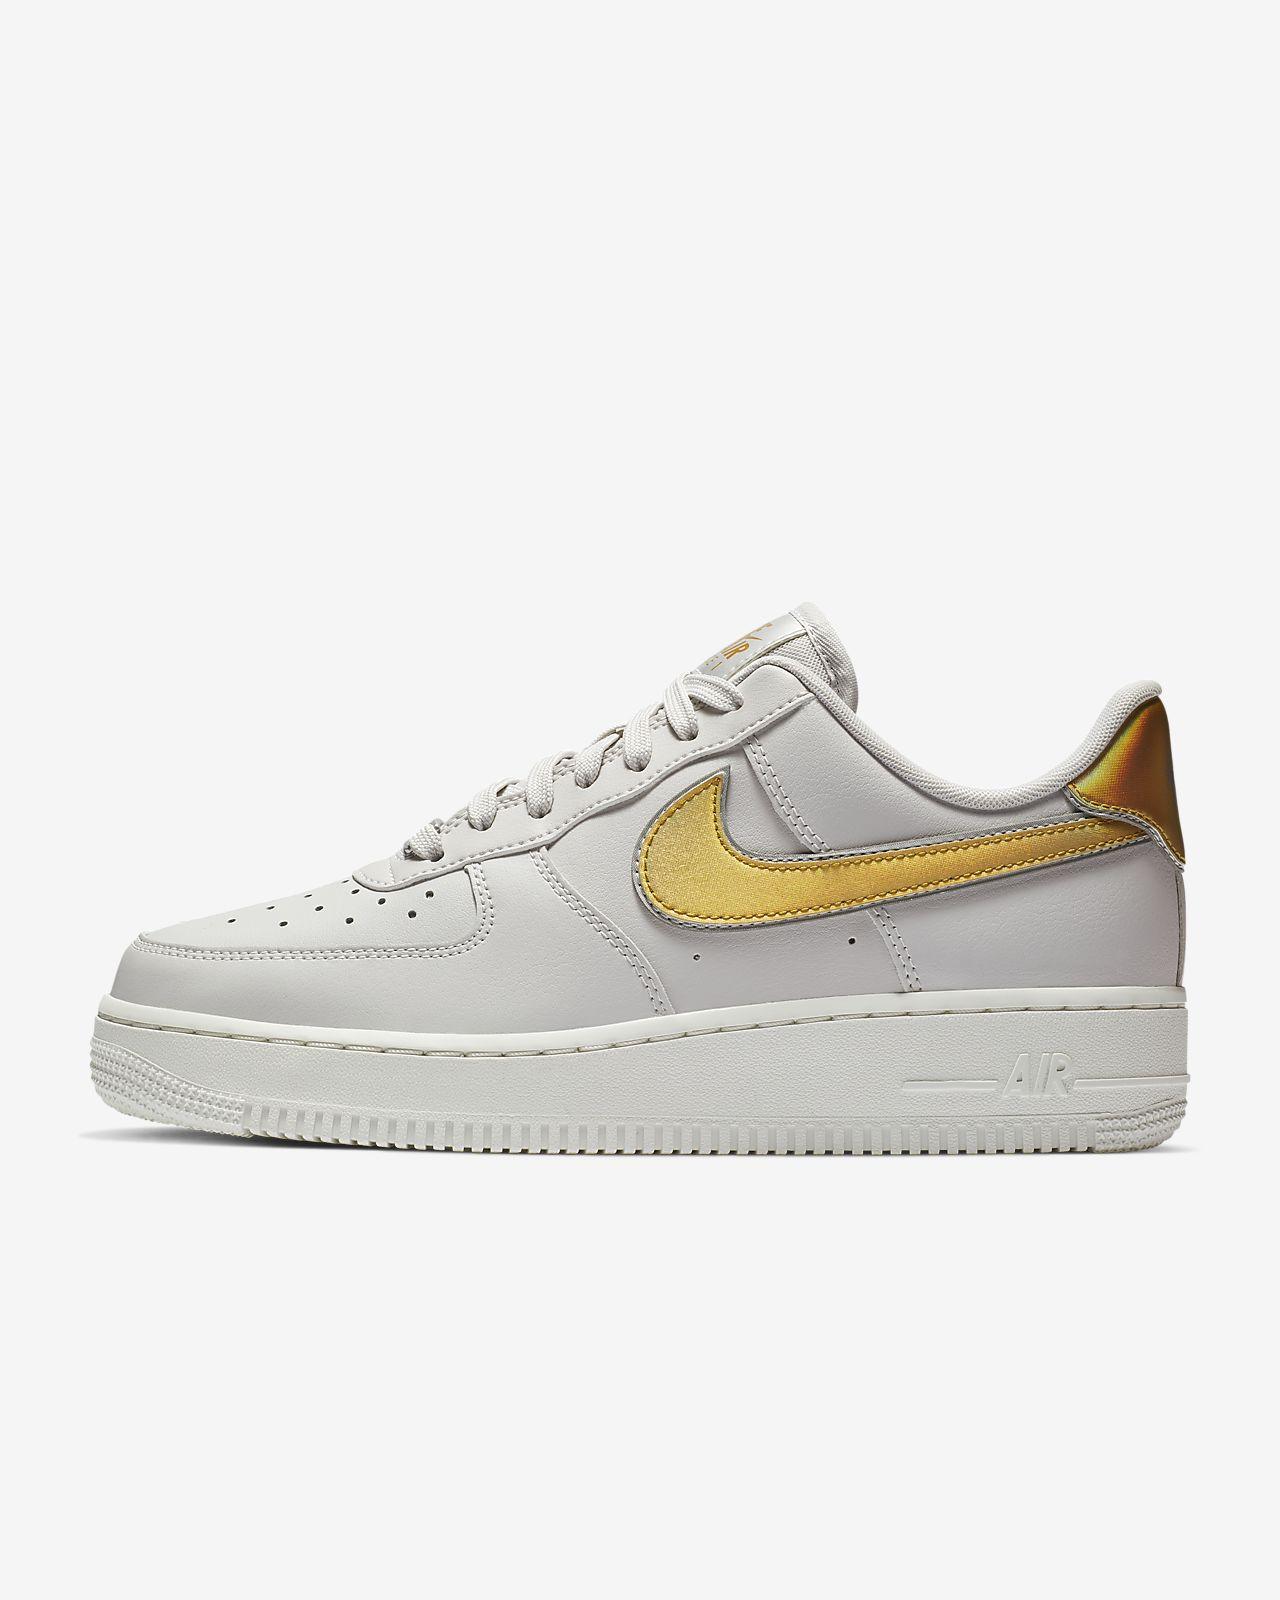 Nike Air Force 1 '07 Metallic Women's Shoe